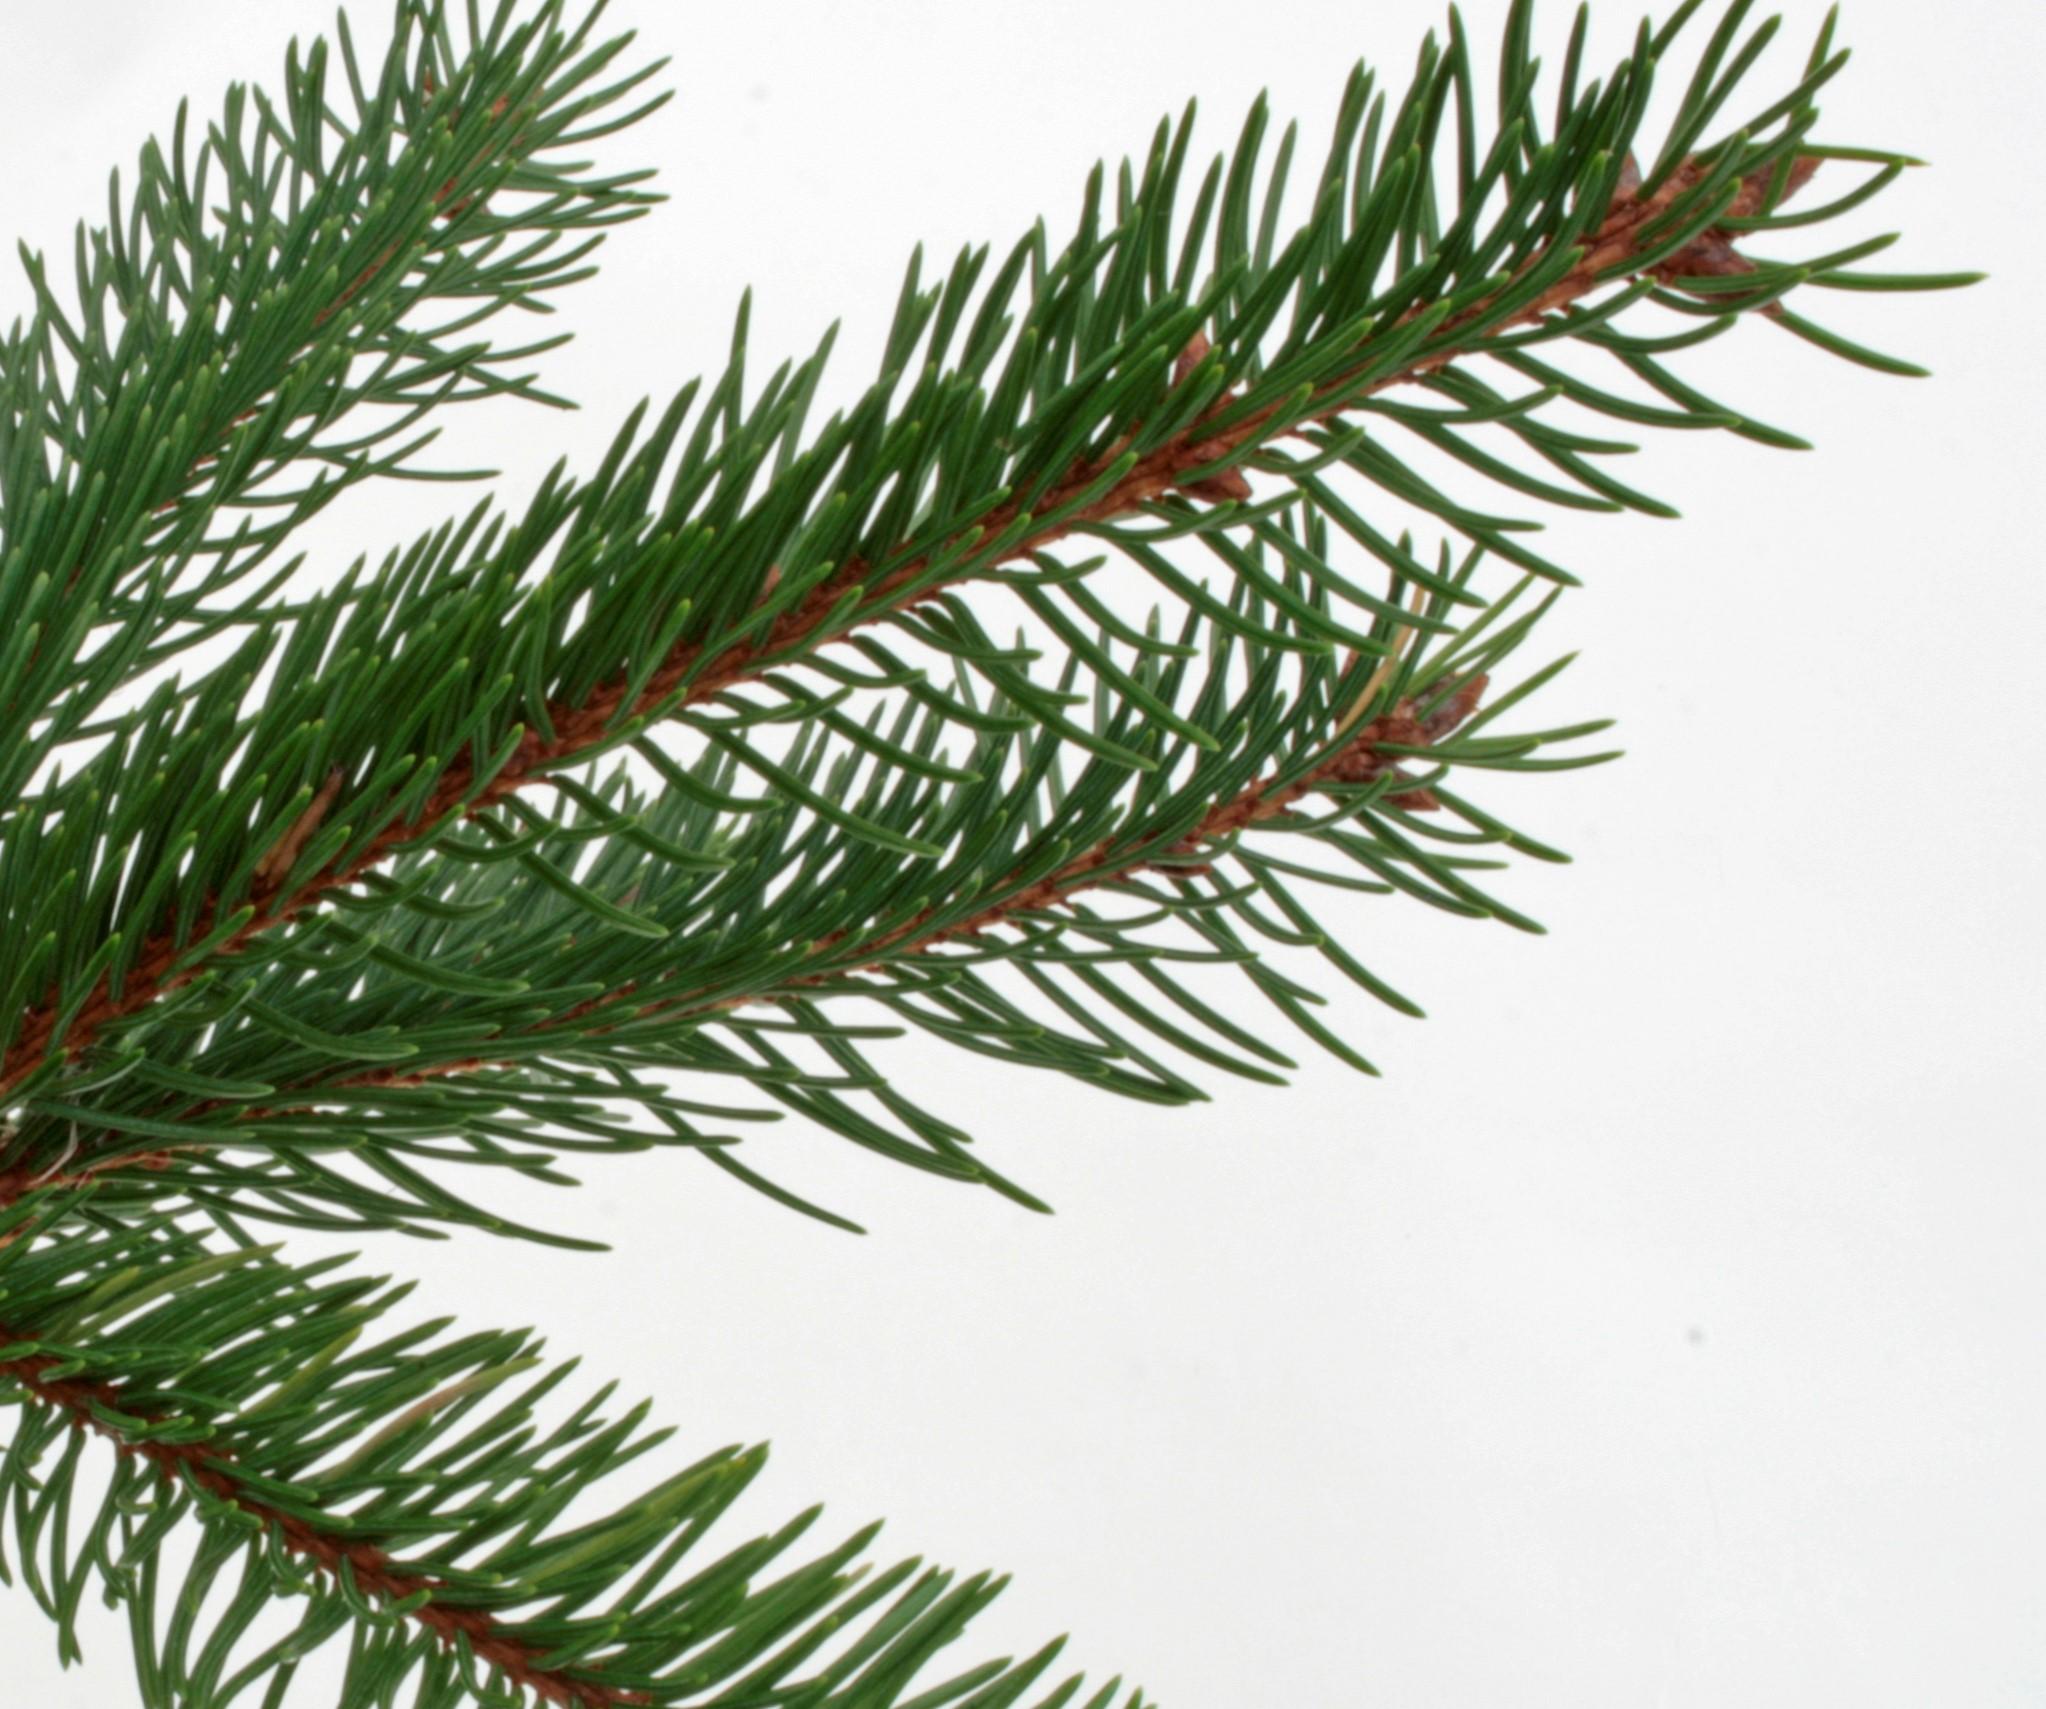 Norway Spruce and Serbian Spruce Christmas Trees | Needlefresh UK